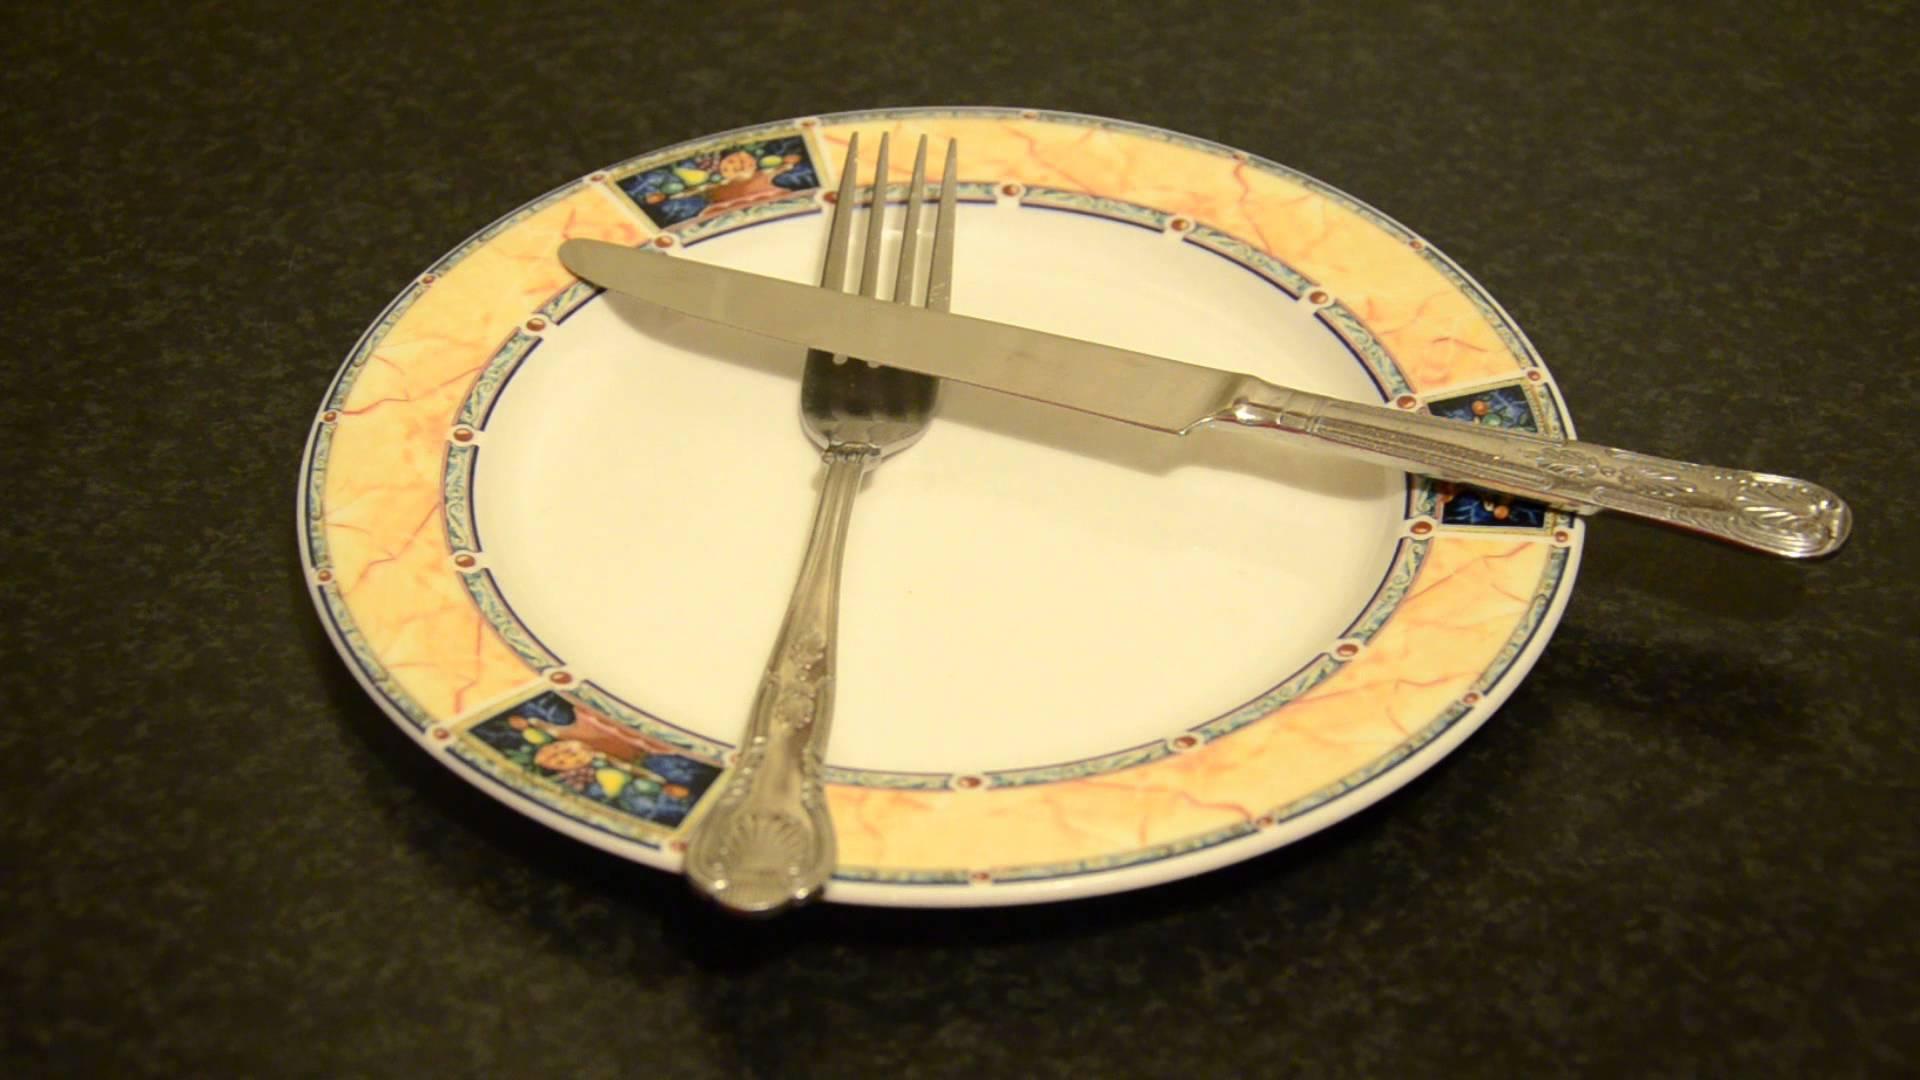 بالصور اتيكيت الشوكة والسكين , افضل اتيكيت للطعام 2378 5